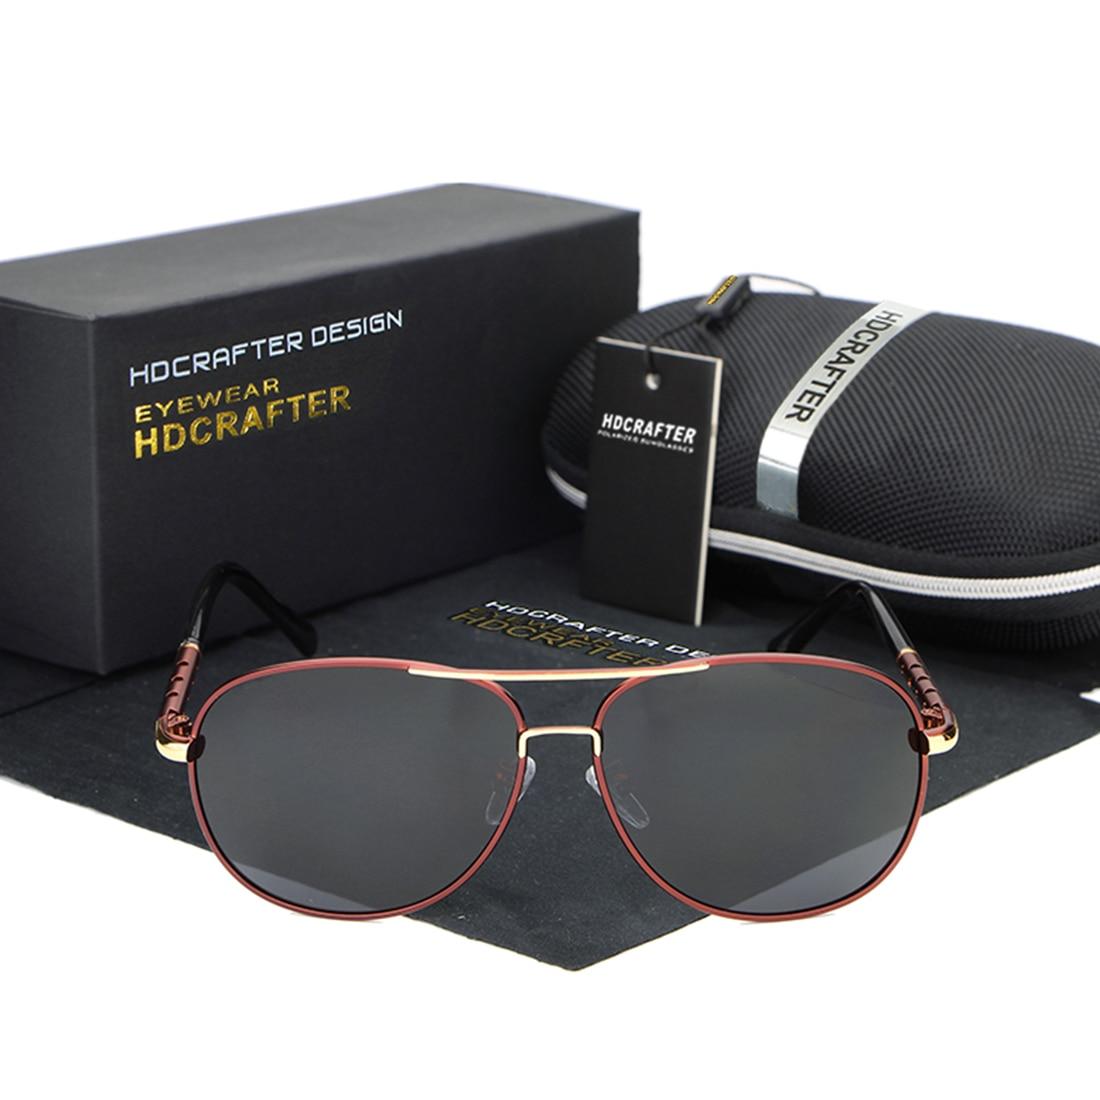 2017 Classic Design Aluminum Magnesium Polarized Sun Glasses Driving Sport Male Fashion Oculos men sunglasses<br><br>Aliexpress